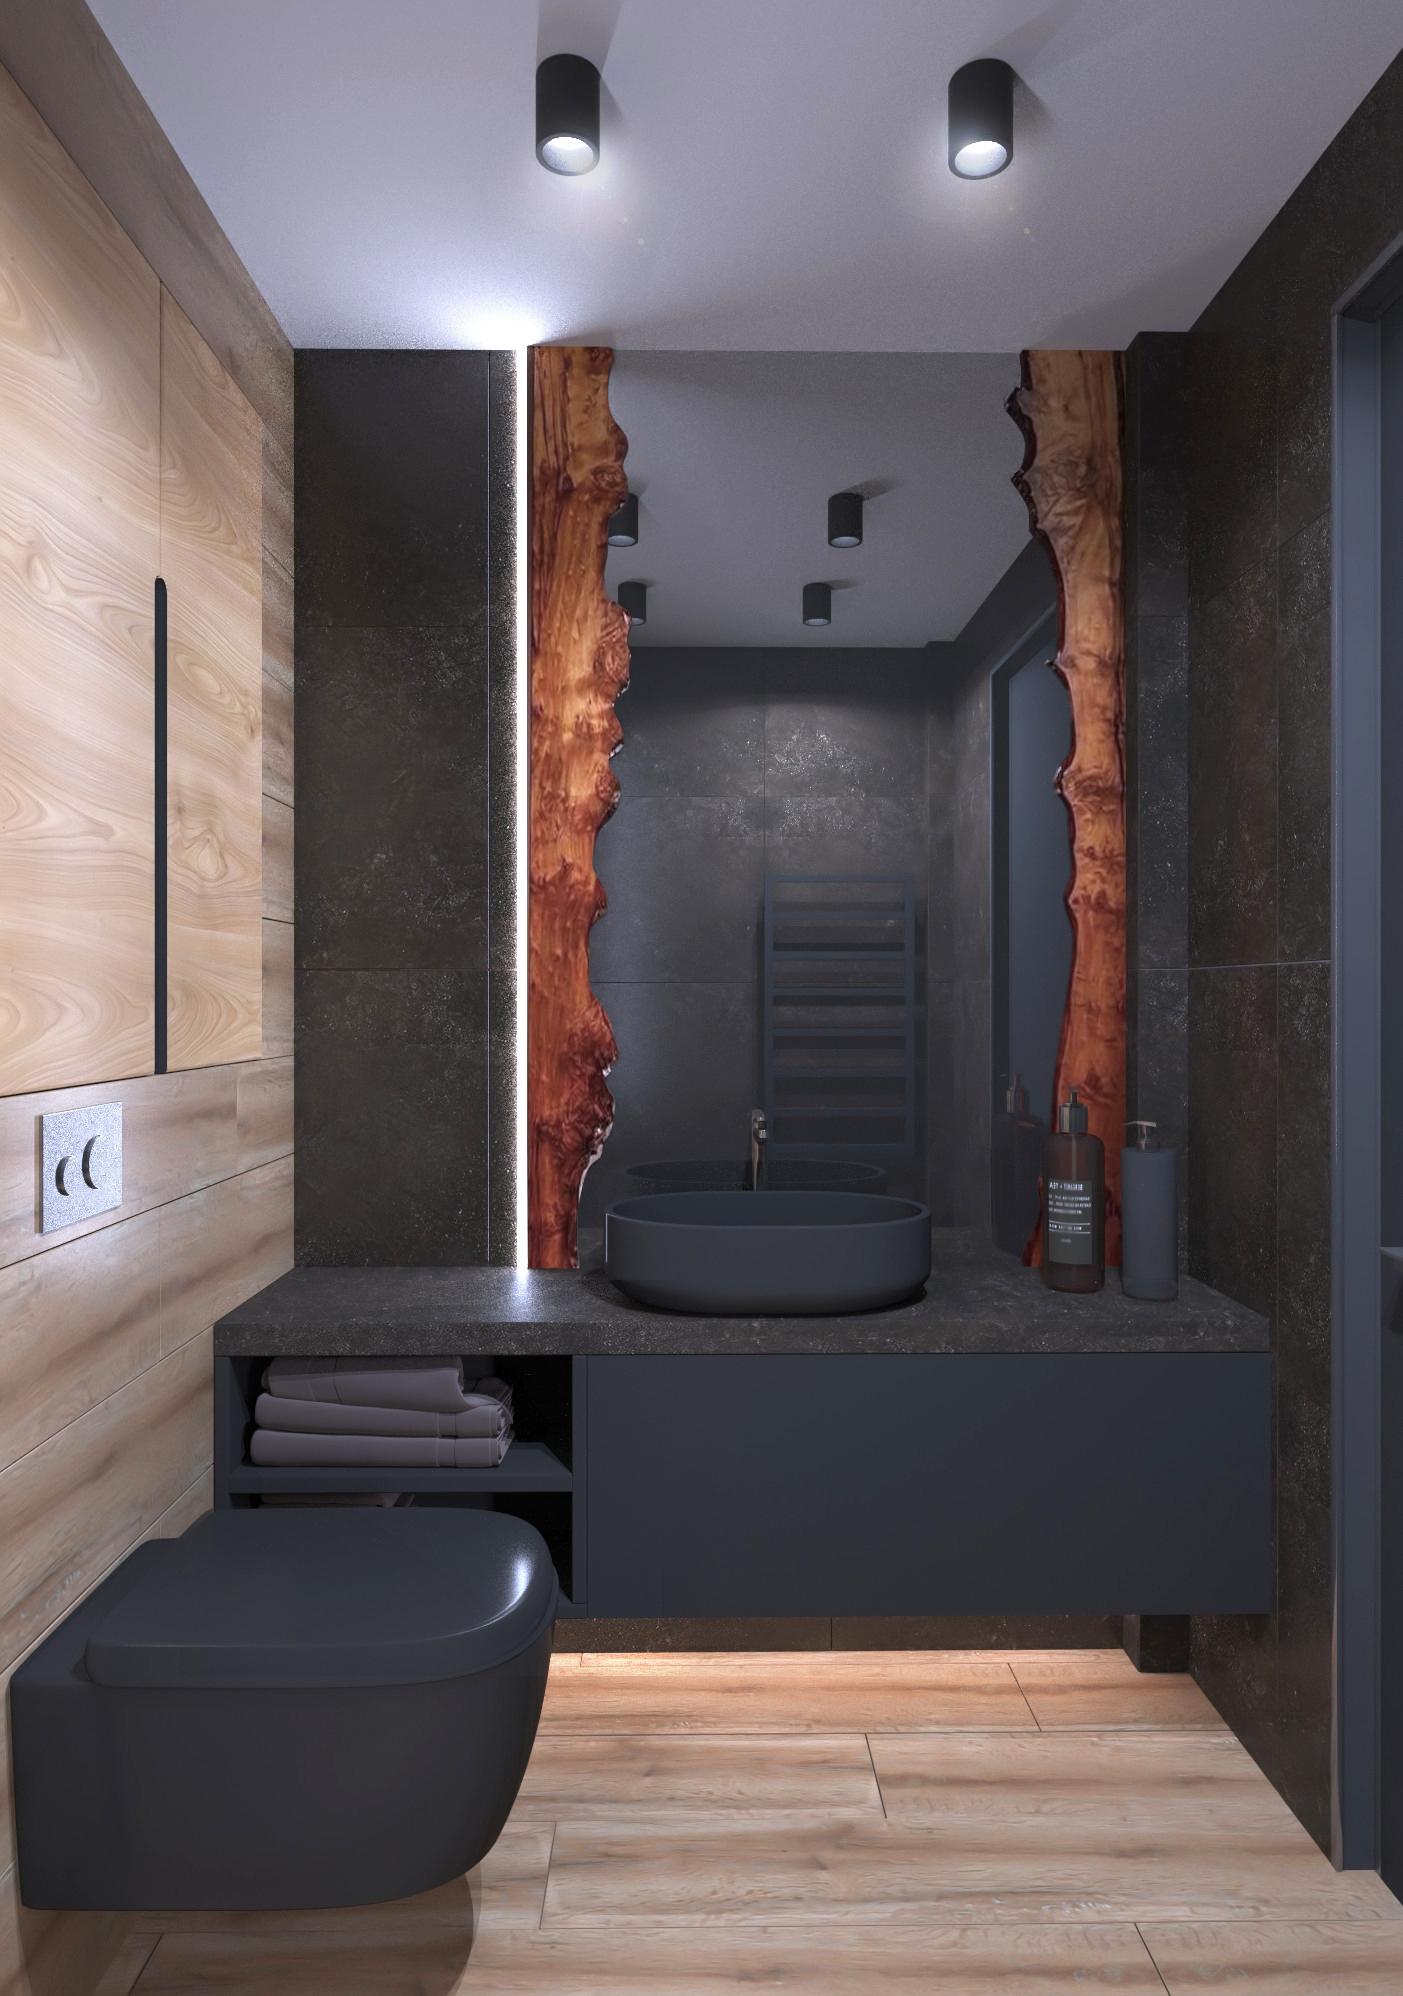 Фото № 11: 20 вариантов оформления ванной в сером цвете